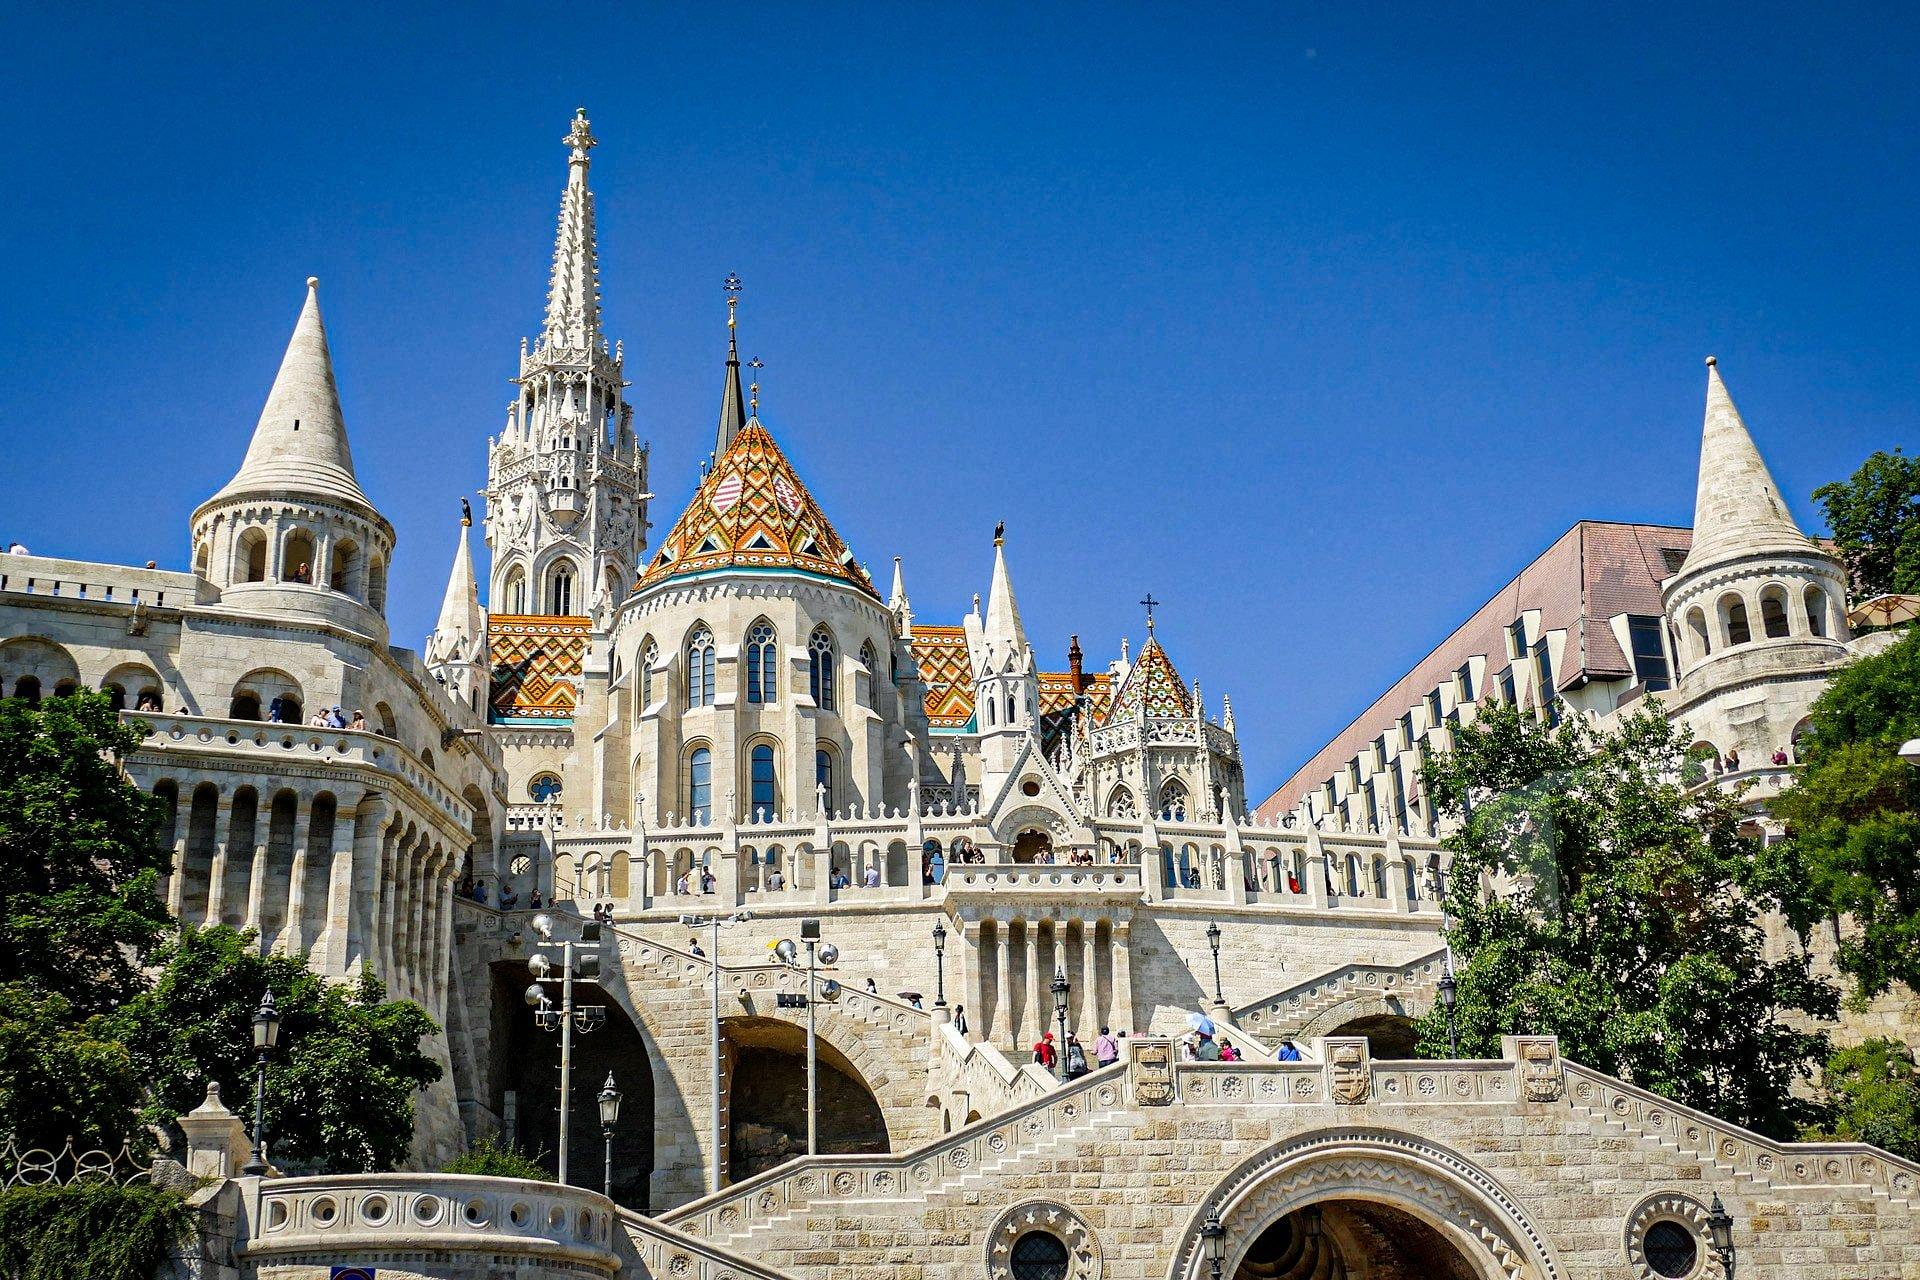 Church of the Assumption of the Buda Castle (Matthias Church) - facade